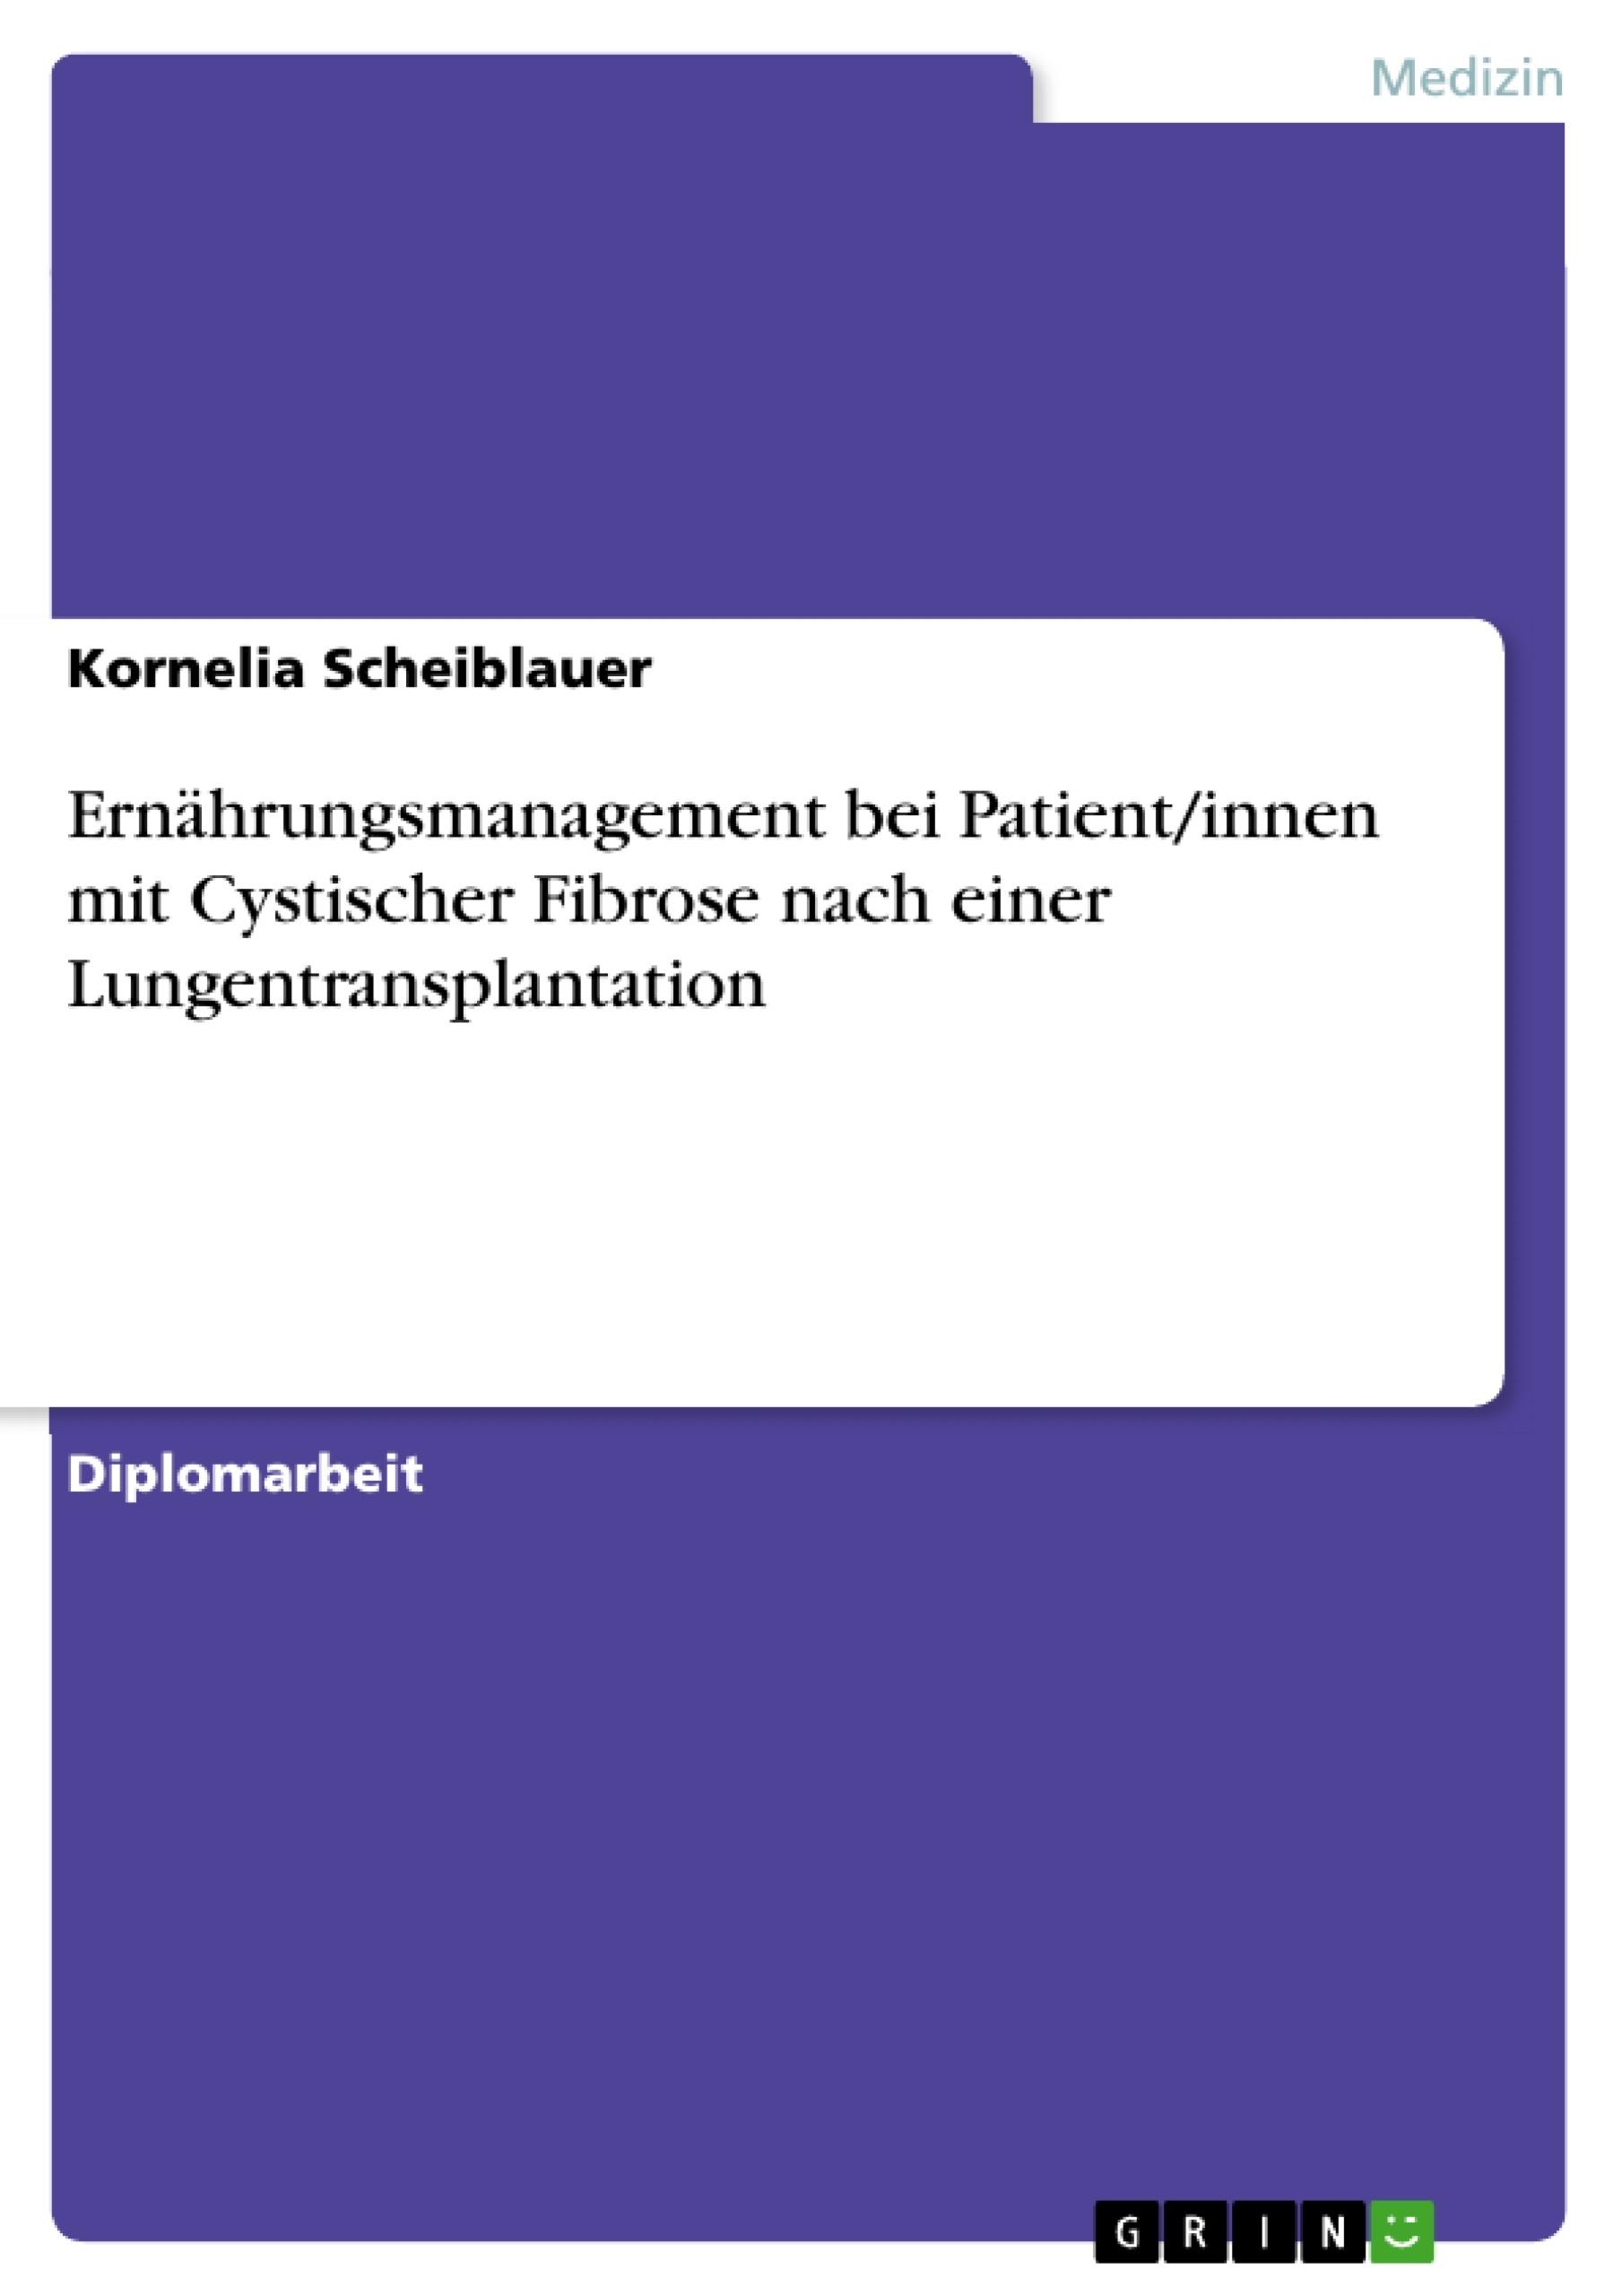 Titel: Ernährungsmanagement bei Patient/innen mit Cystischer Fibrose nach einer Lungentransplantation